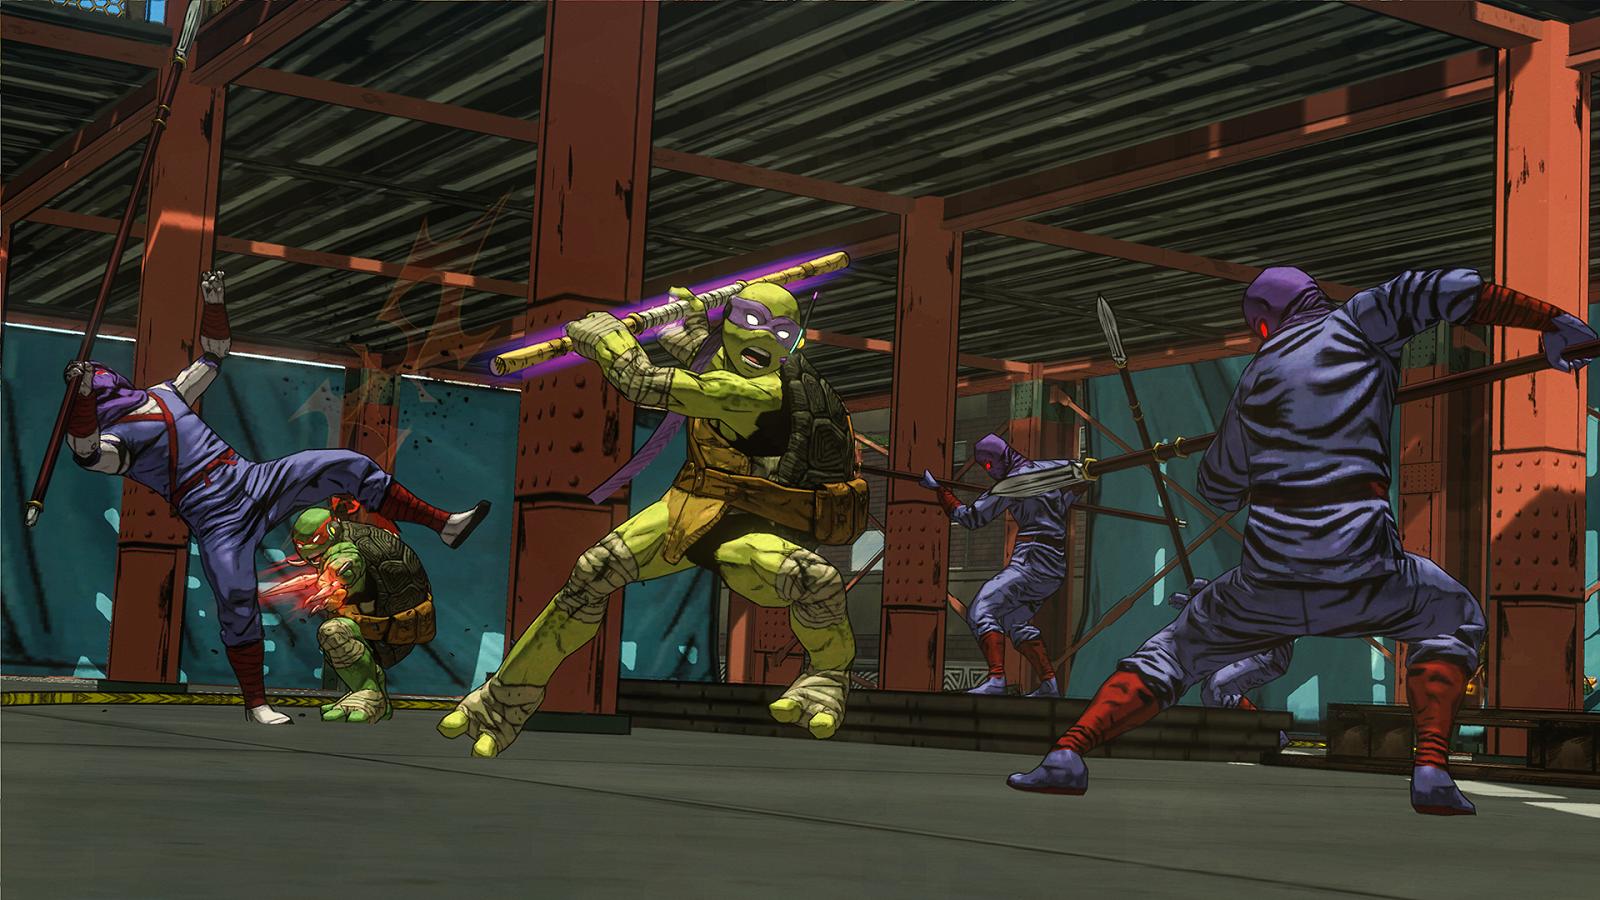 New Teenage Mutant Ninja Turtles Game Announced